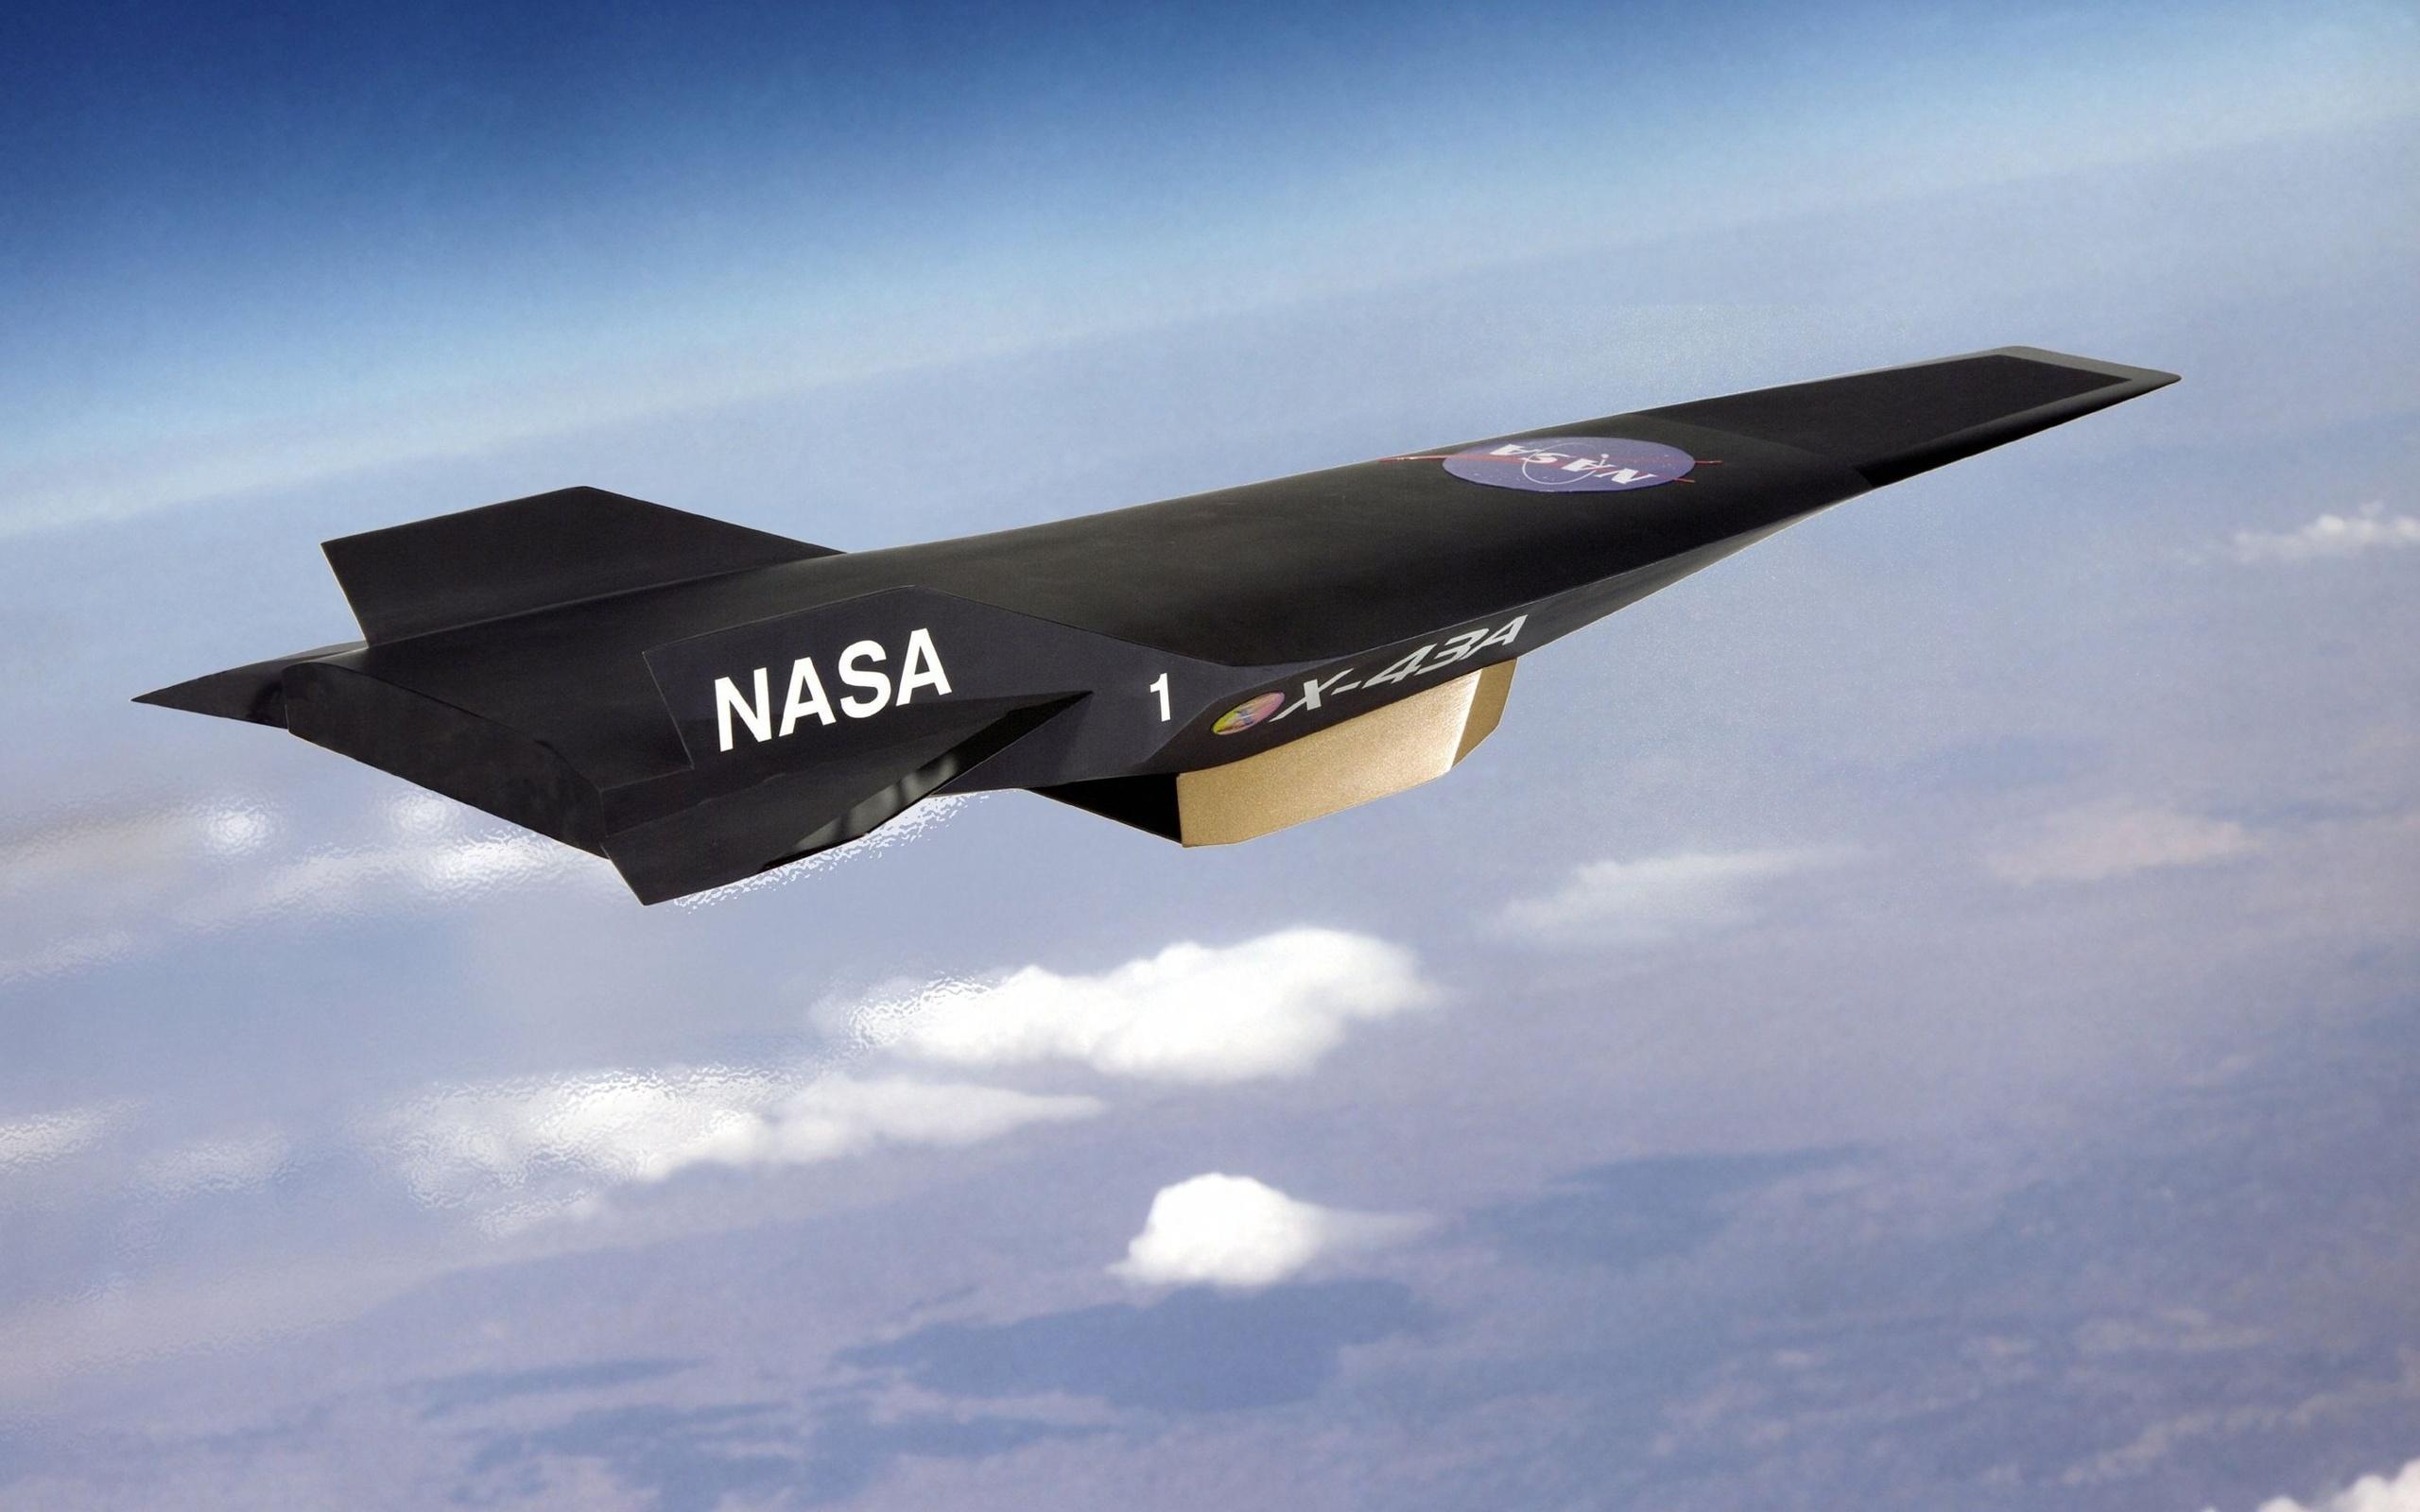 Американский экспериментальный гиперзвуковой самолет X-43A